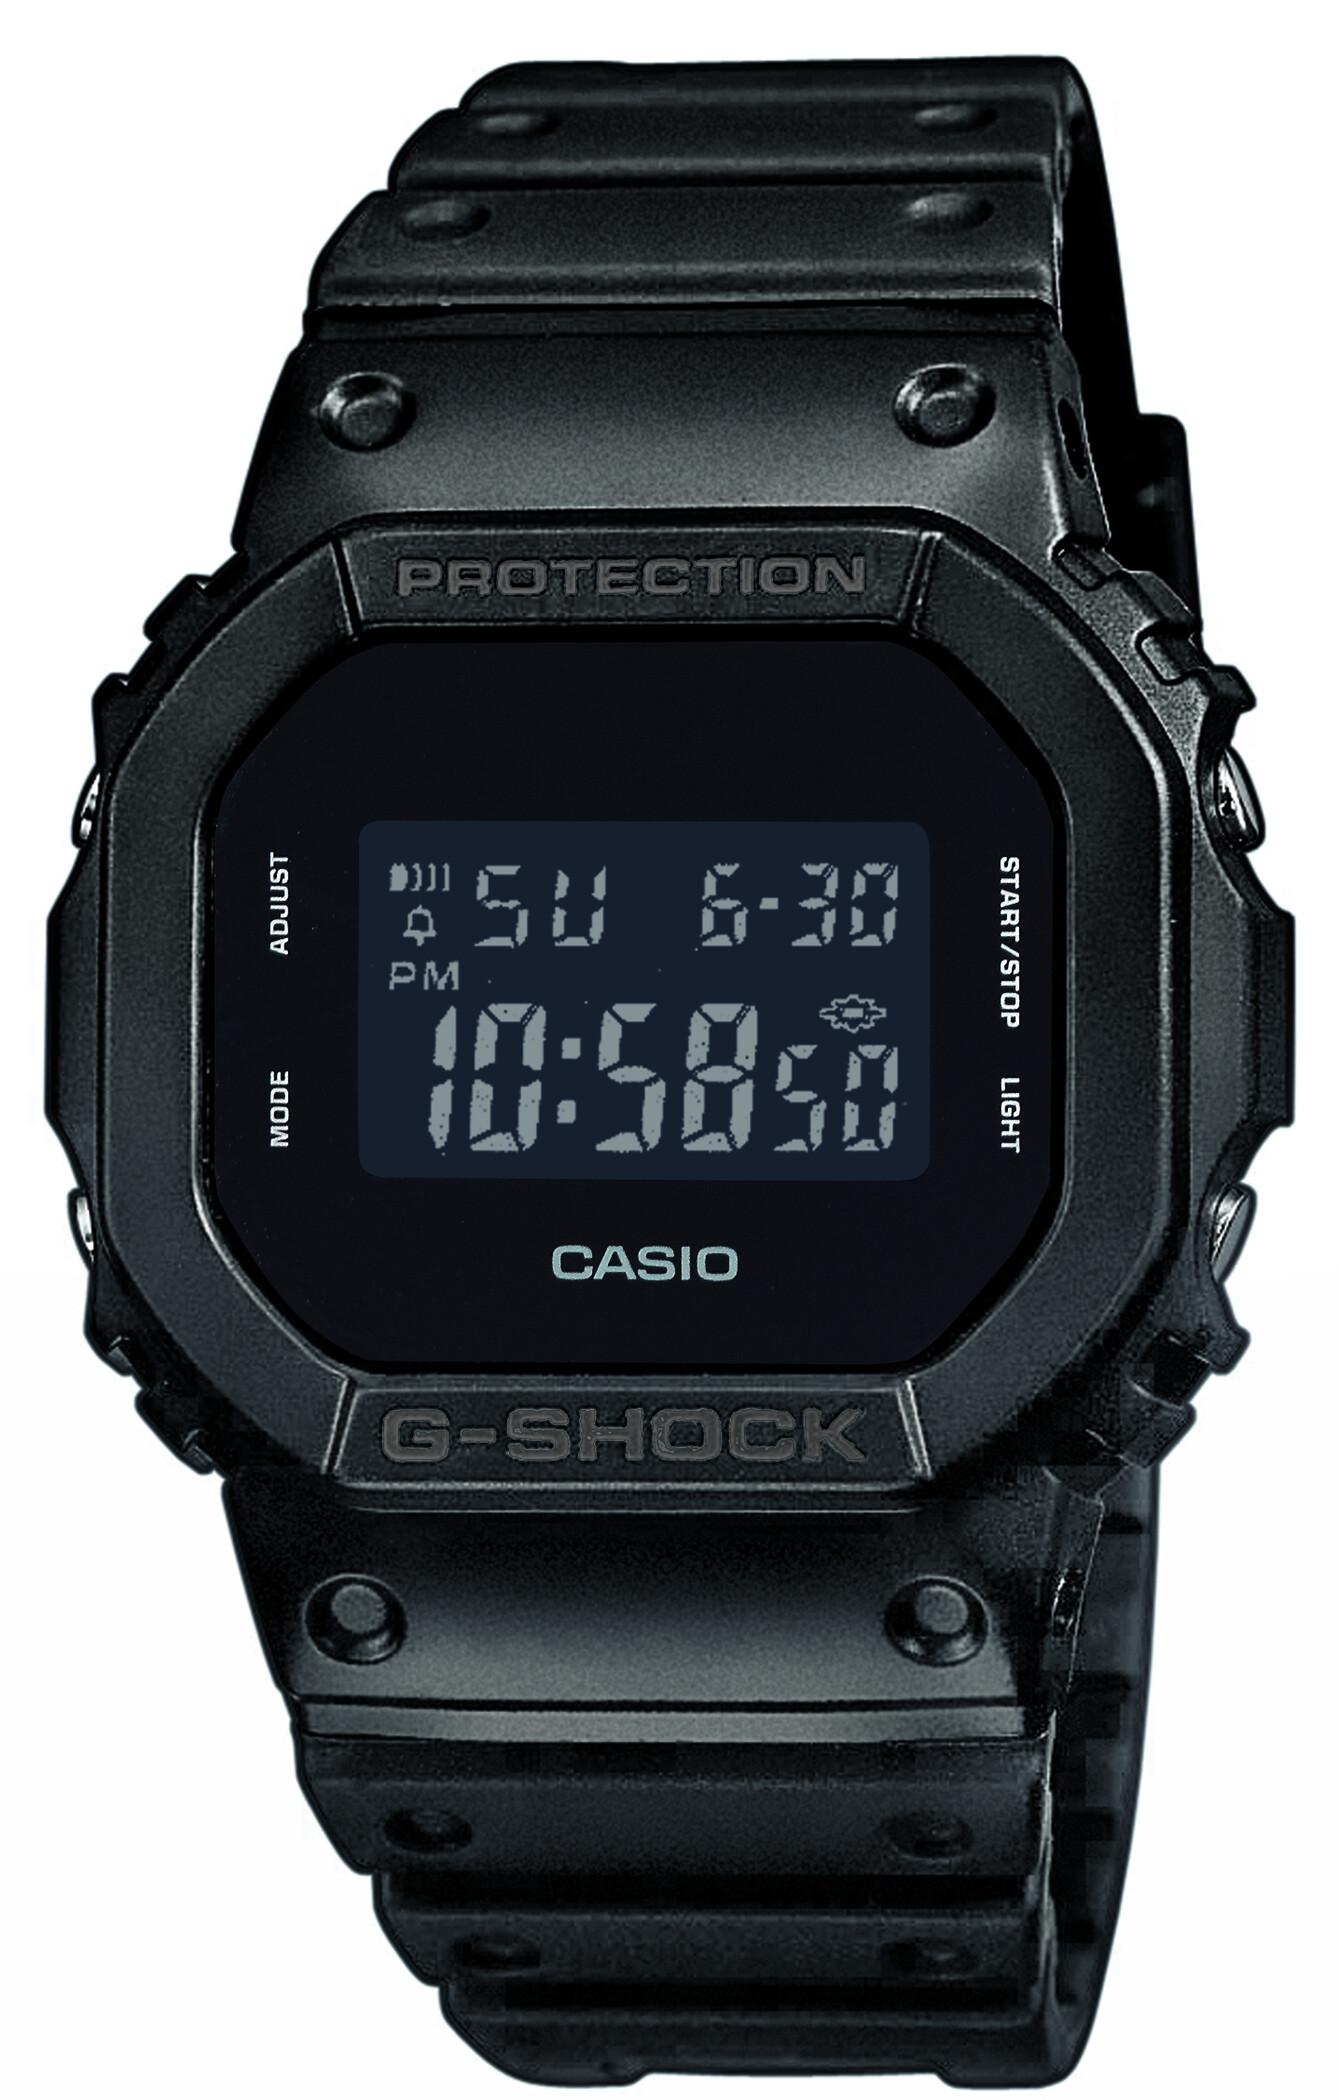 CASIO G-SHOCK DW-5600BB-1ER Ur Herrer, black (2019)   Sports watches